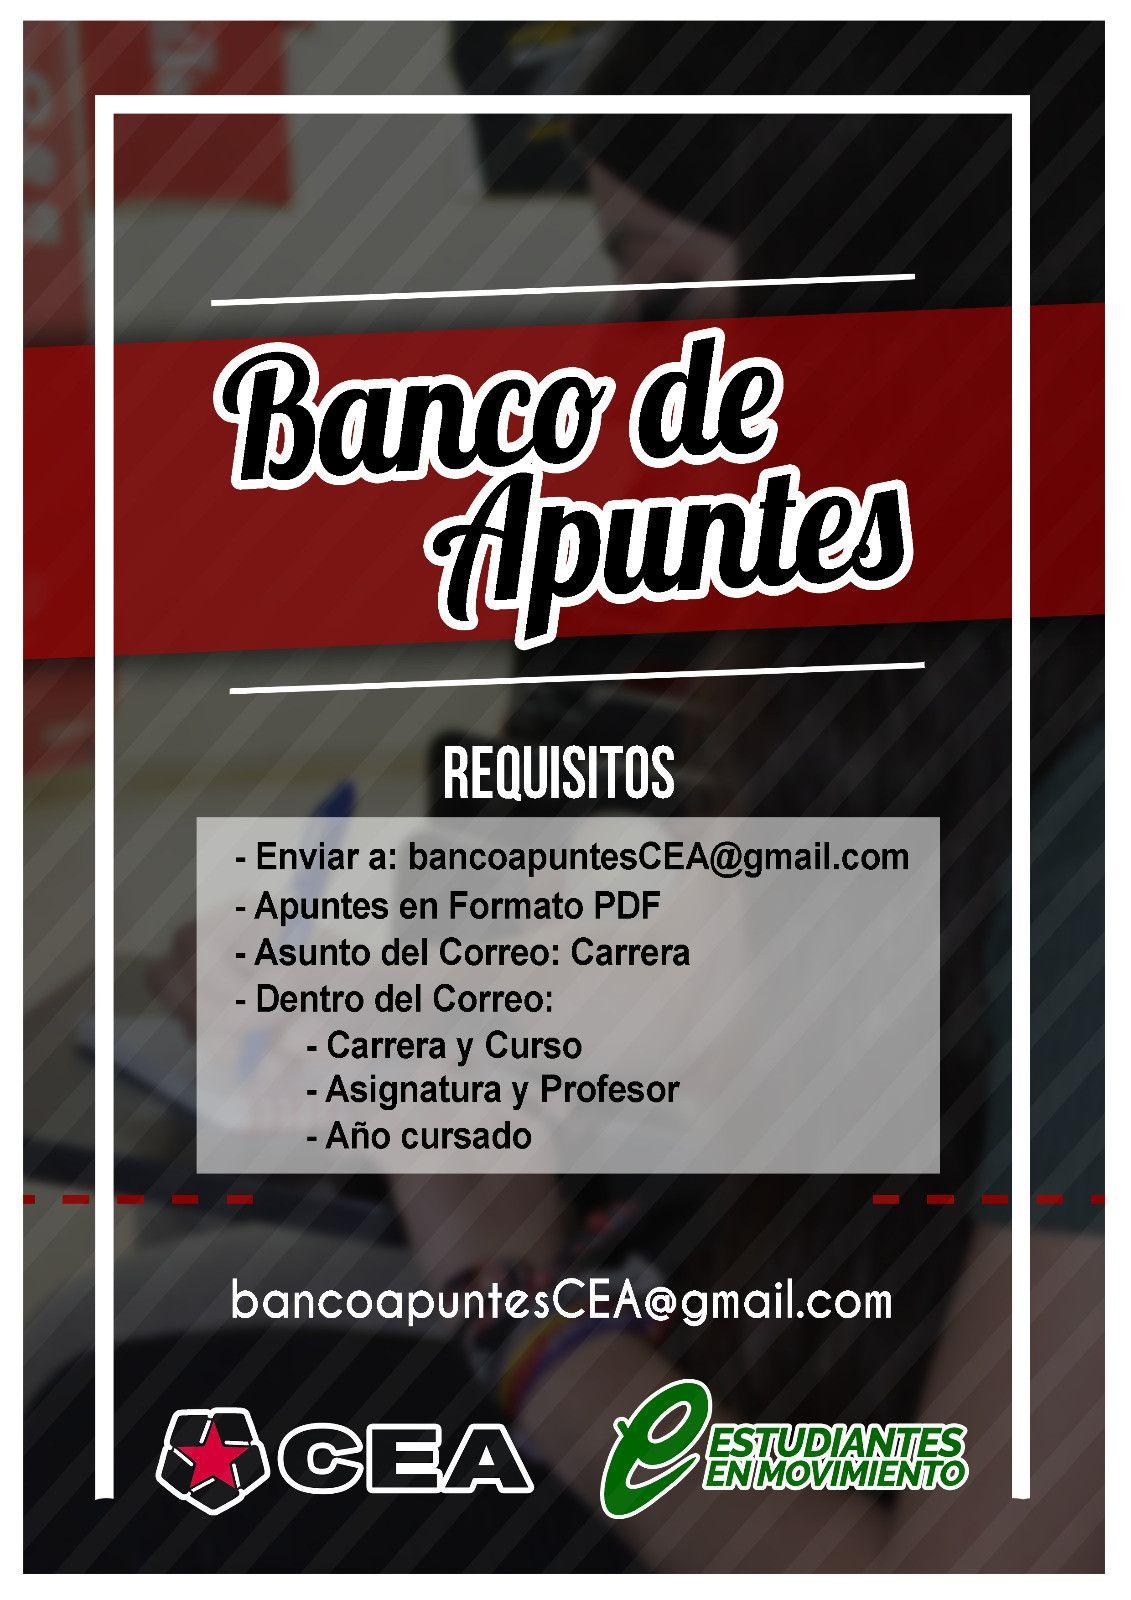 Requisitos banco de apuntes